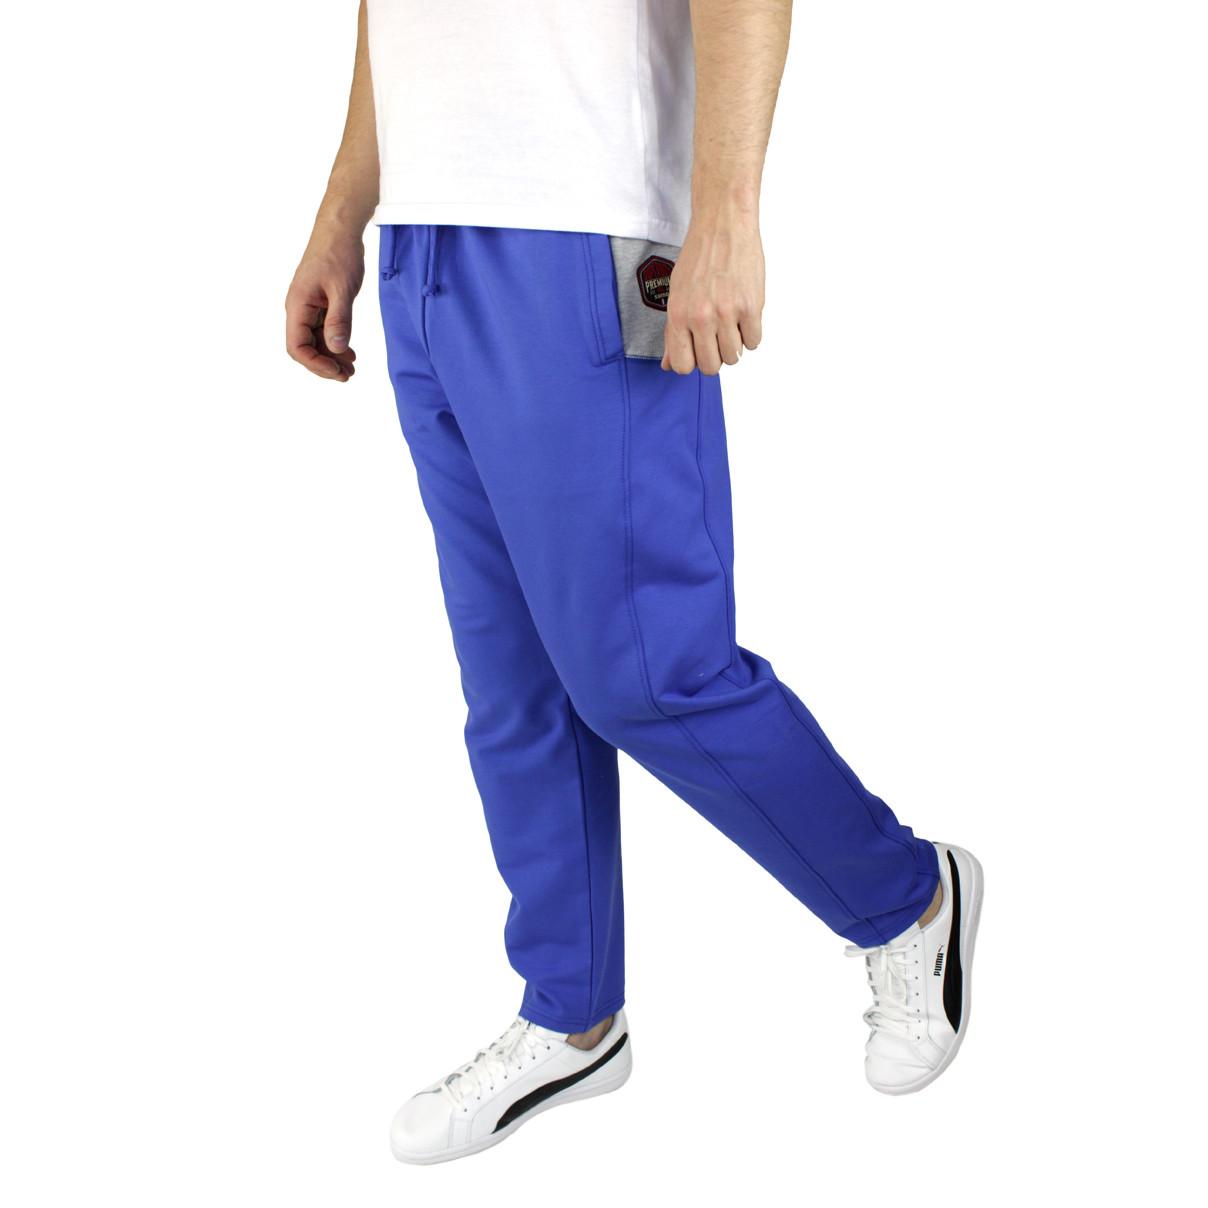 Штаны мужские спортивные синие электрик M-3XL